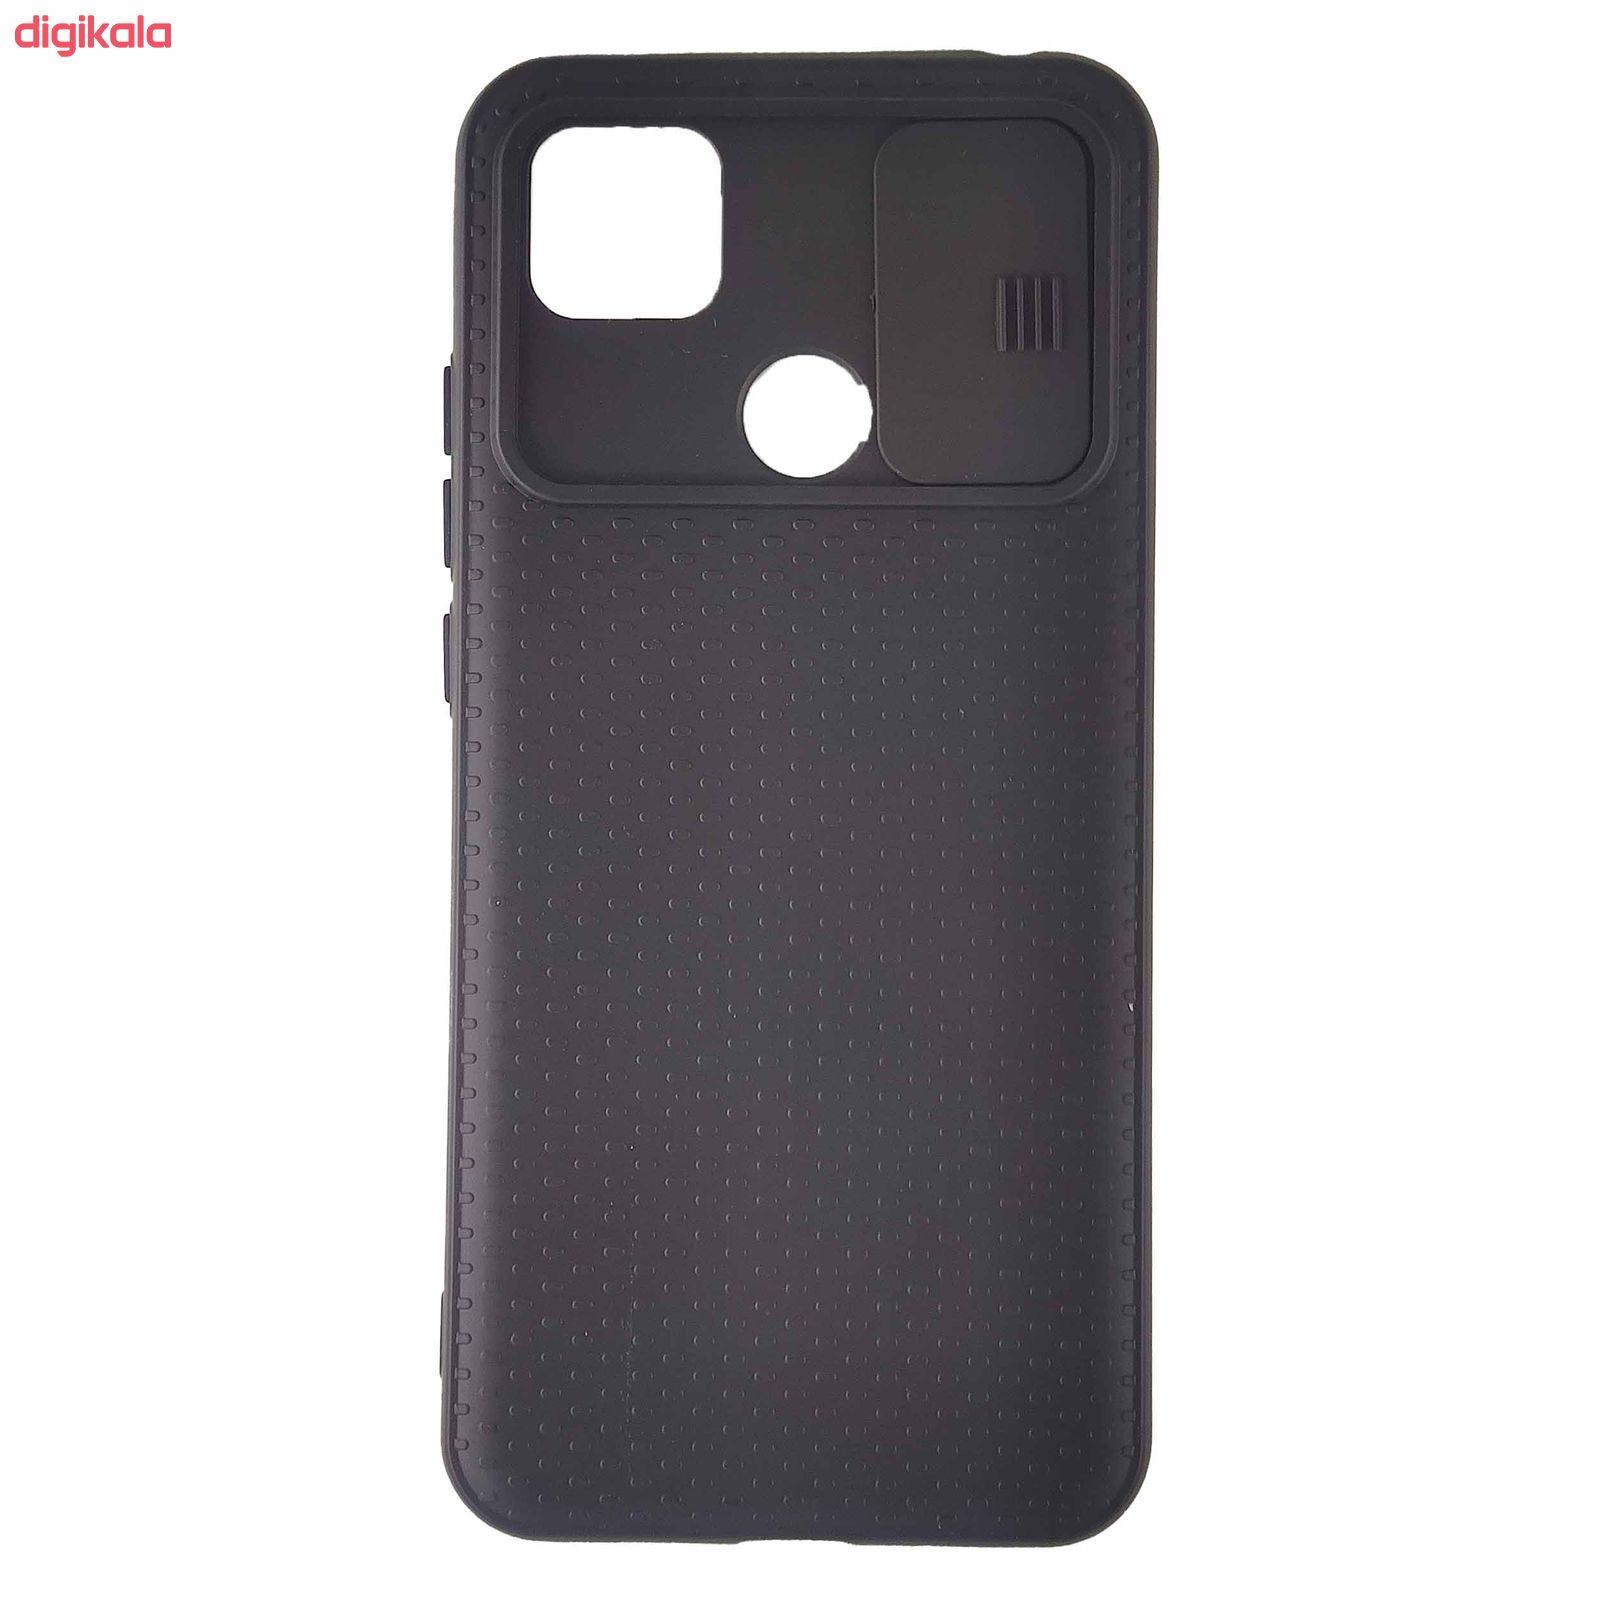 کاور مدل TEM مناسب برای گوشی موبایل شیائومی Redmi 9c main 1 8